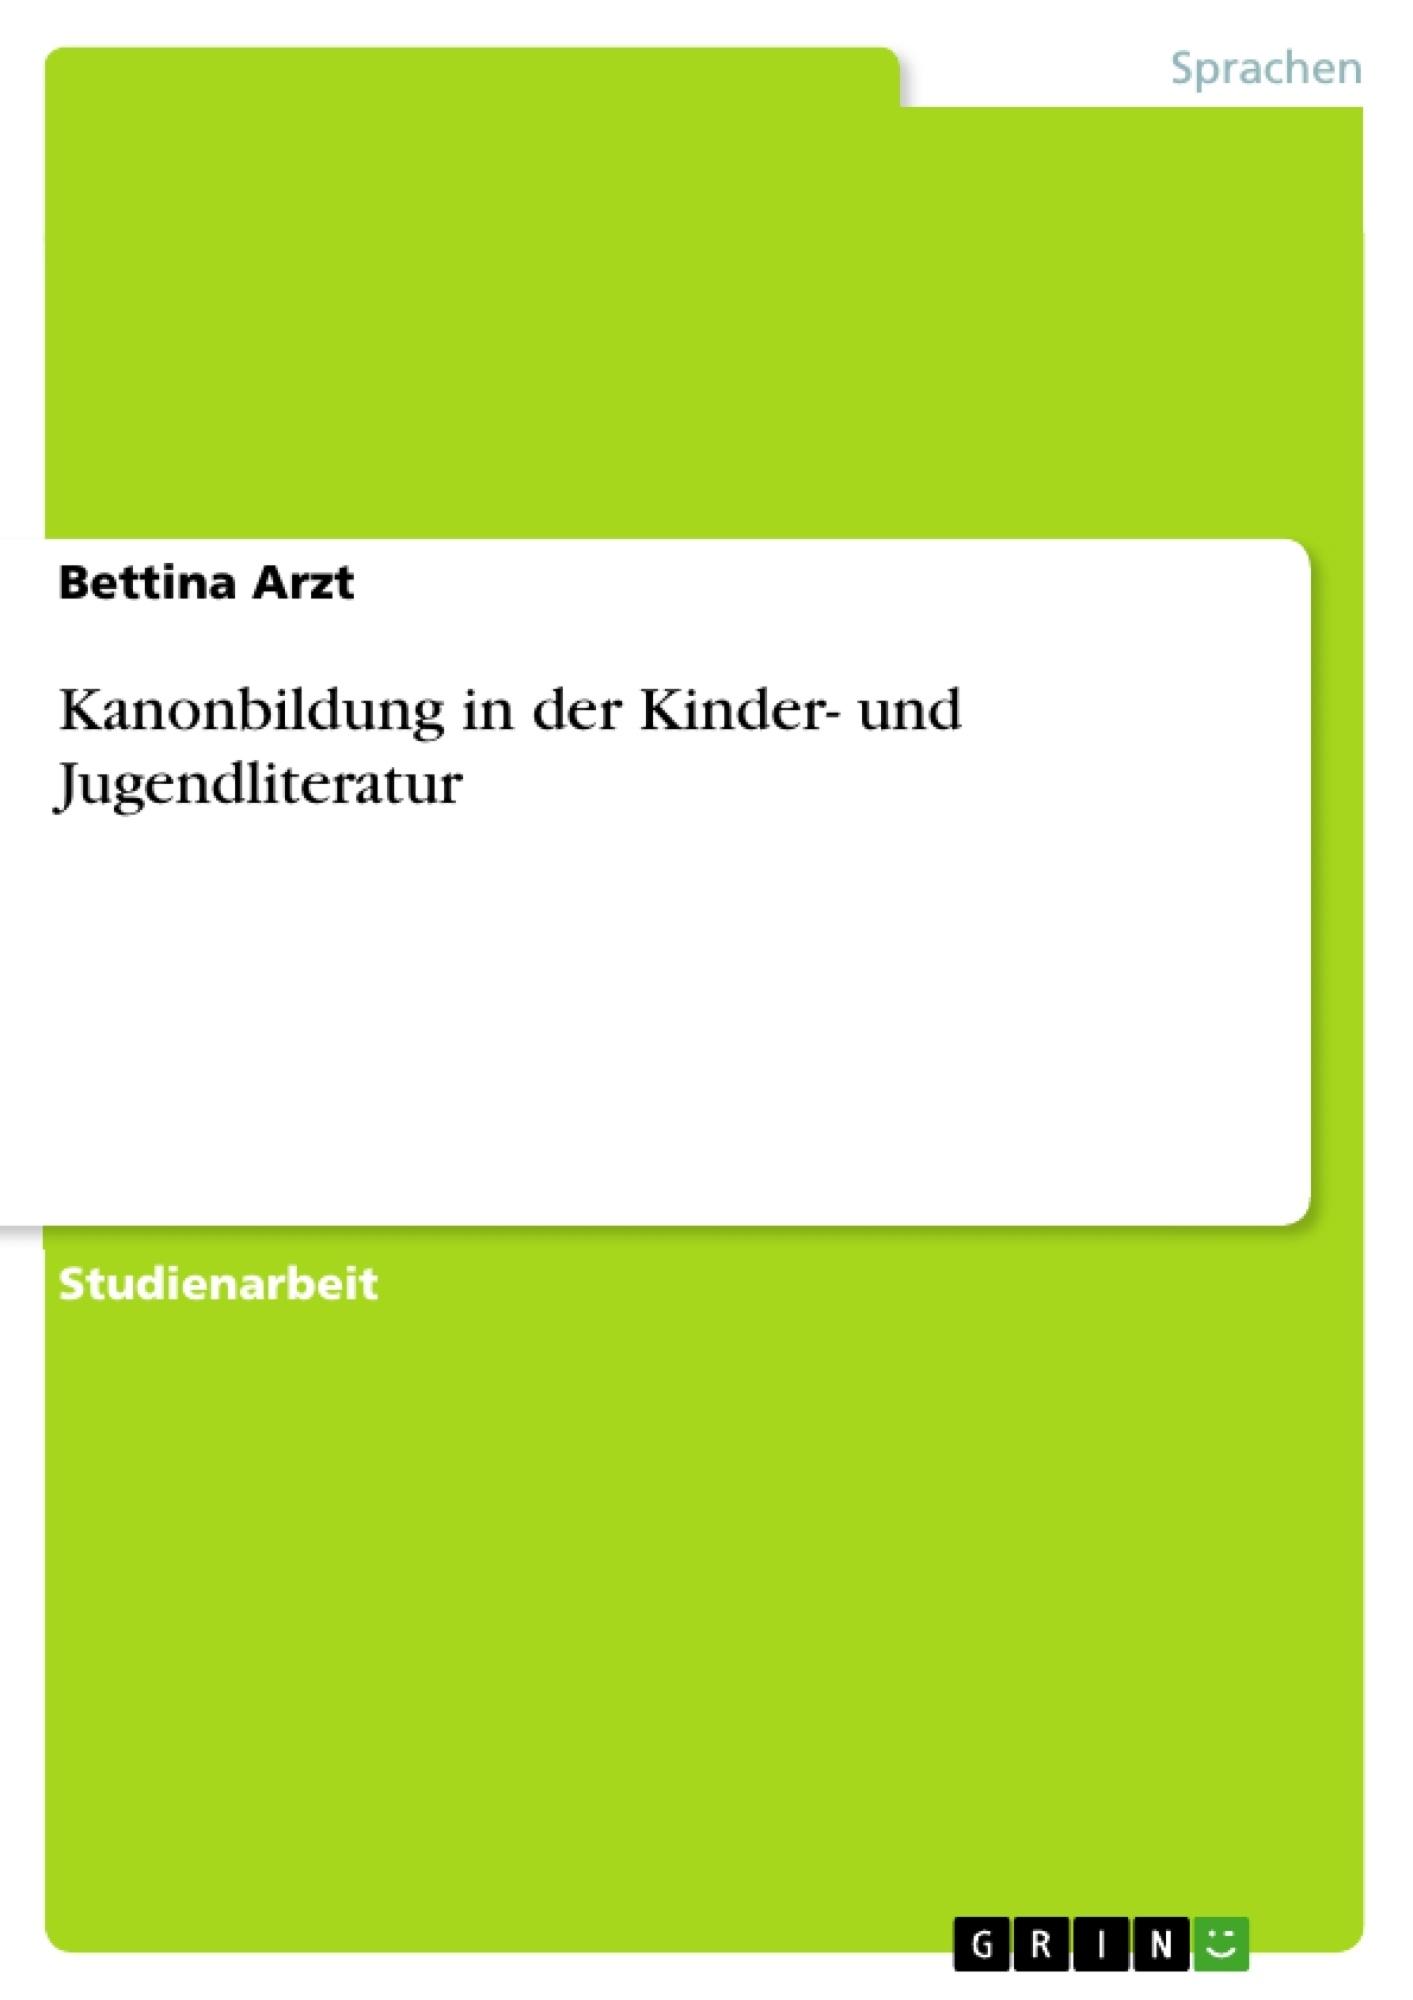 Titel: Kanonbildung in der Kinder- und Jugendliteratur